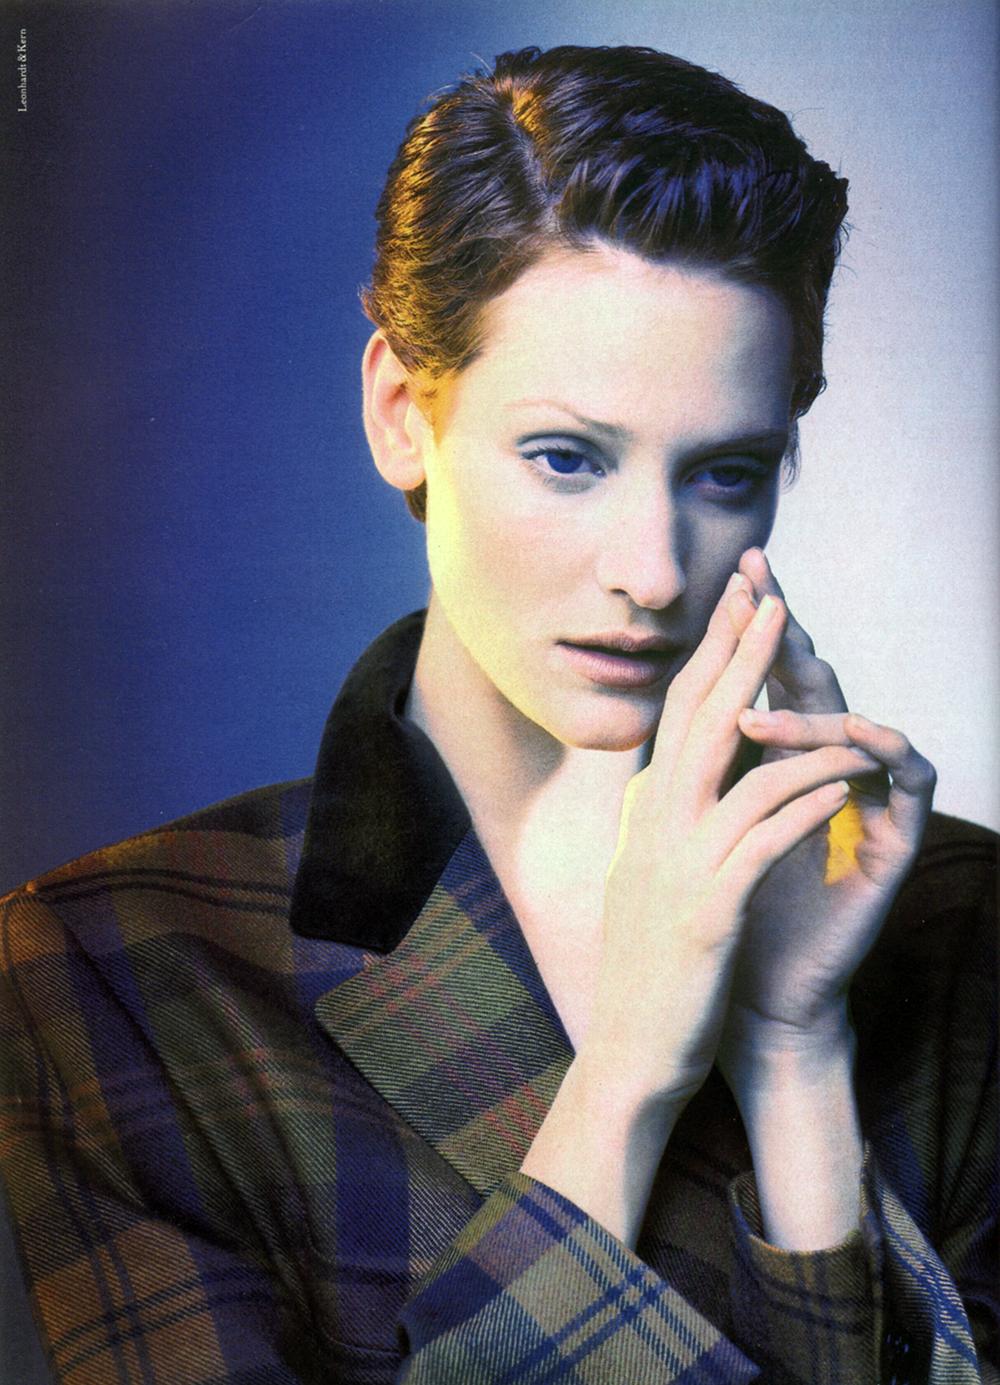 picture Valerie Jean Garduno USA 1995